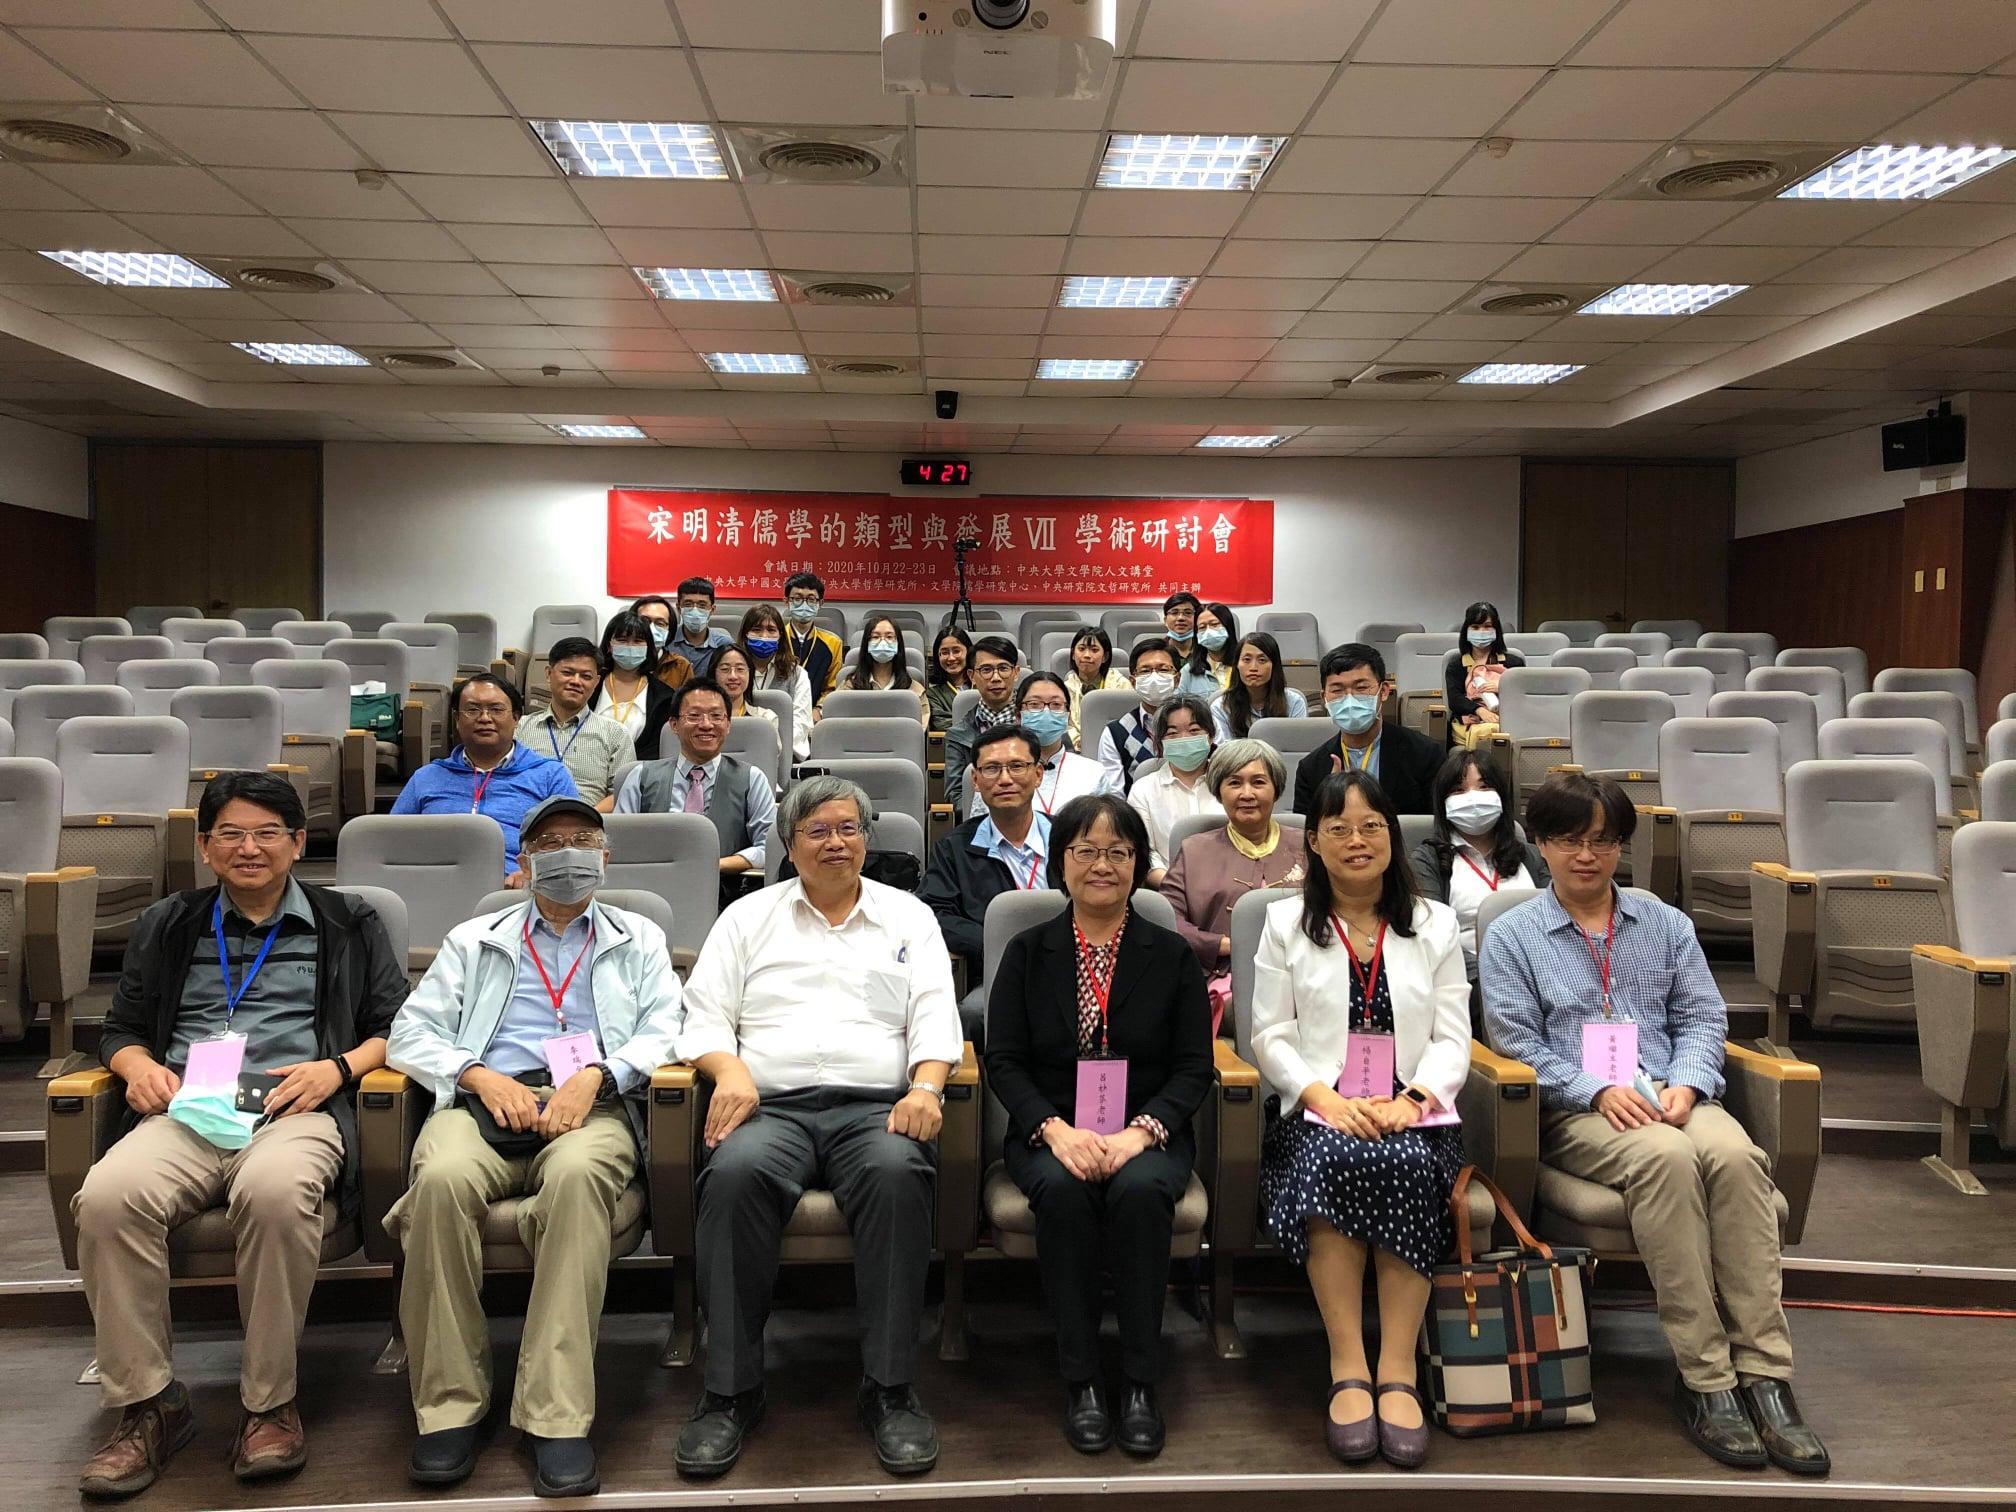 「2020 年宋明清儒學的類型與發展 VII」會議報導